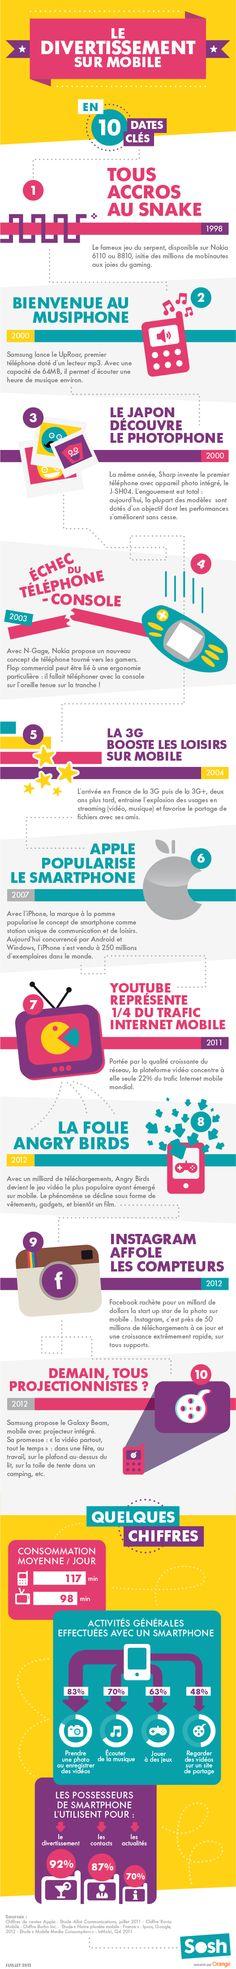 Le divertissement sur mobile. #infographie